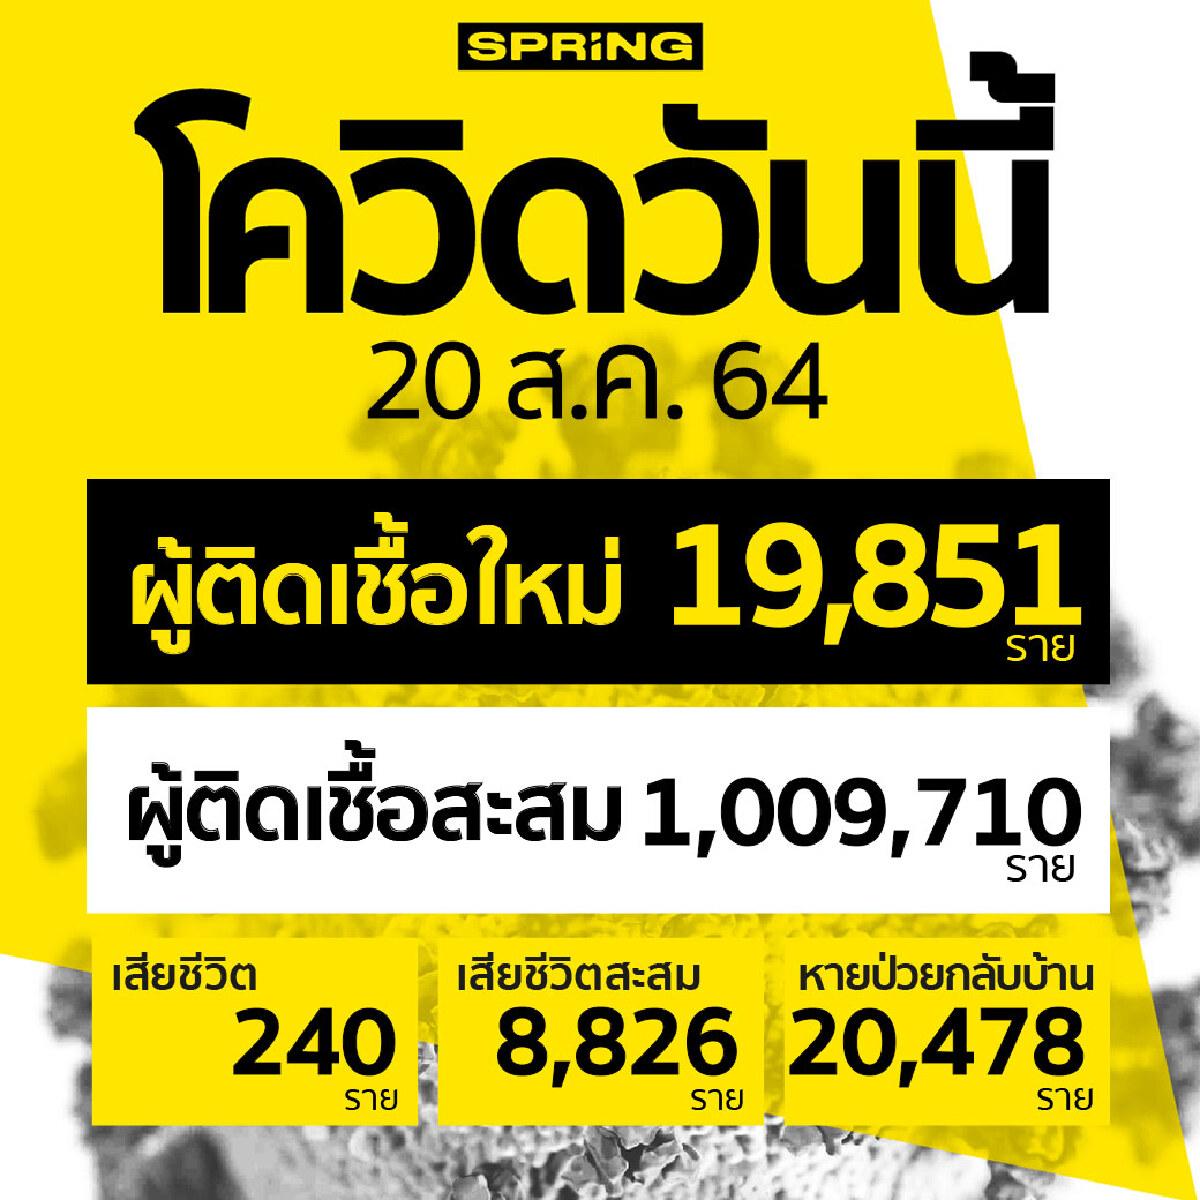 ทะลุ 1 ล้านคน! โควิดวันนี้ ติดเชื้อเพิ่ม 19,851 ราย เสียชีวิต 240 ราย